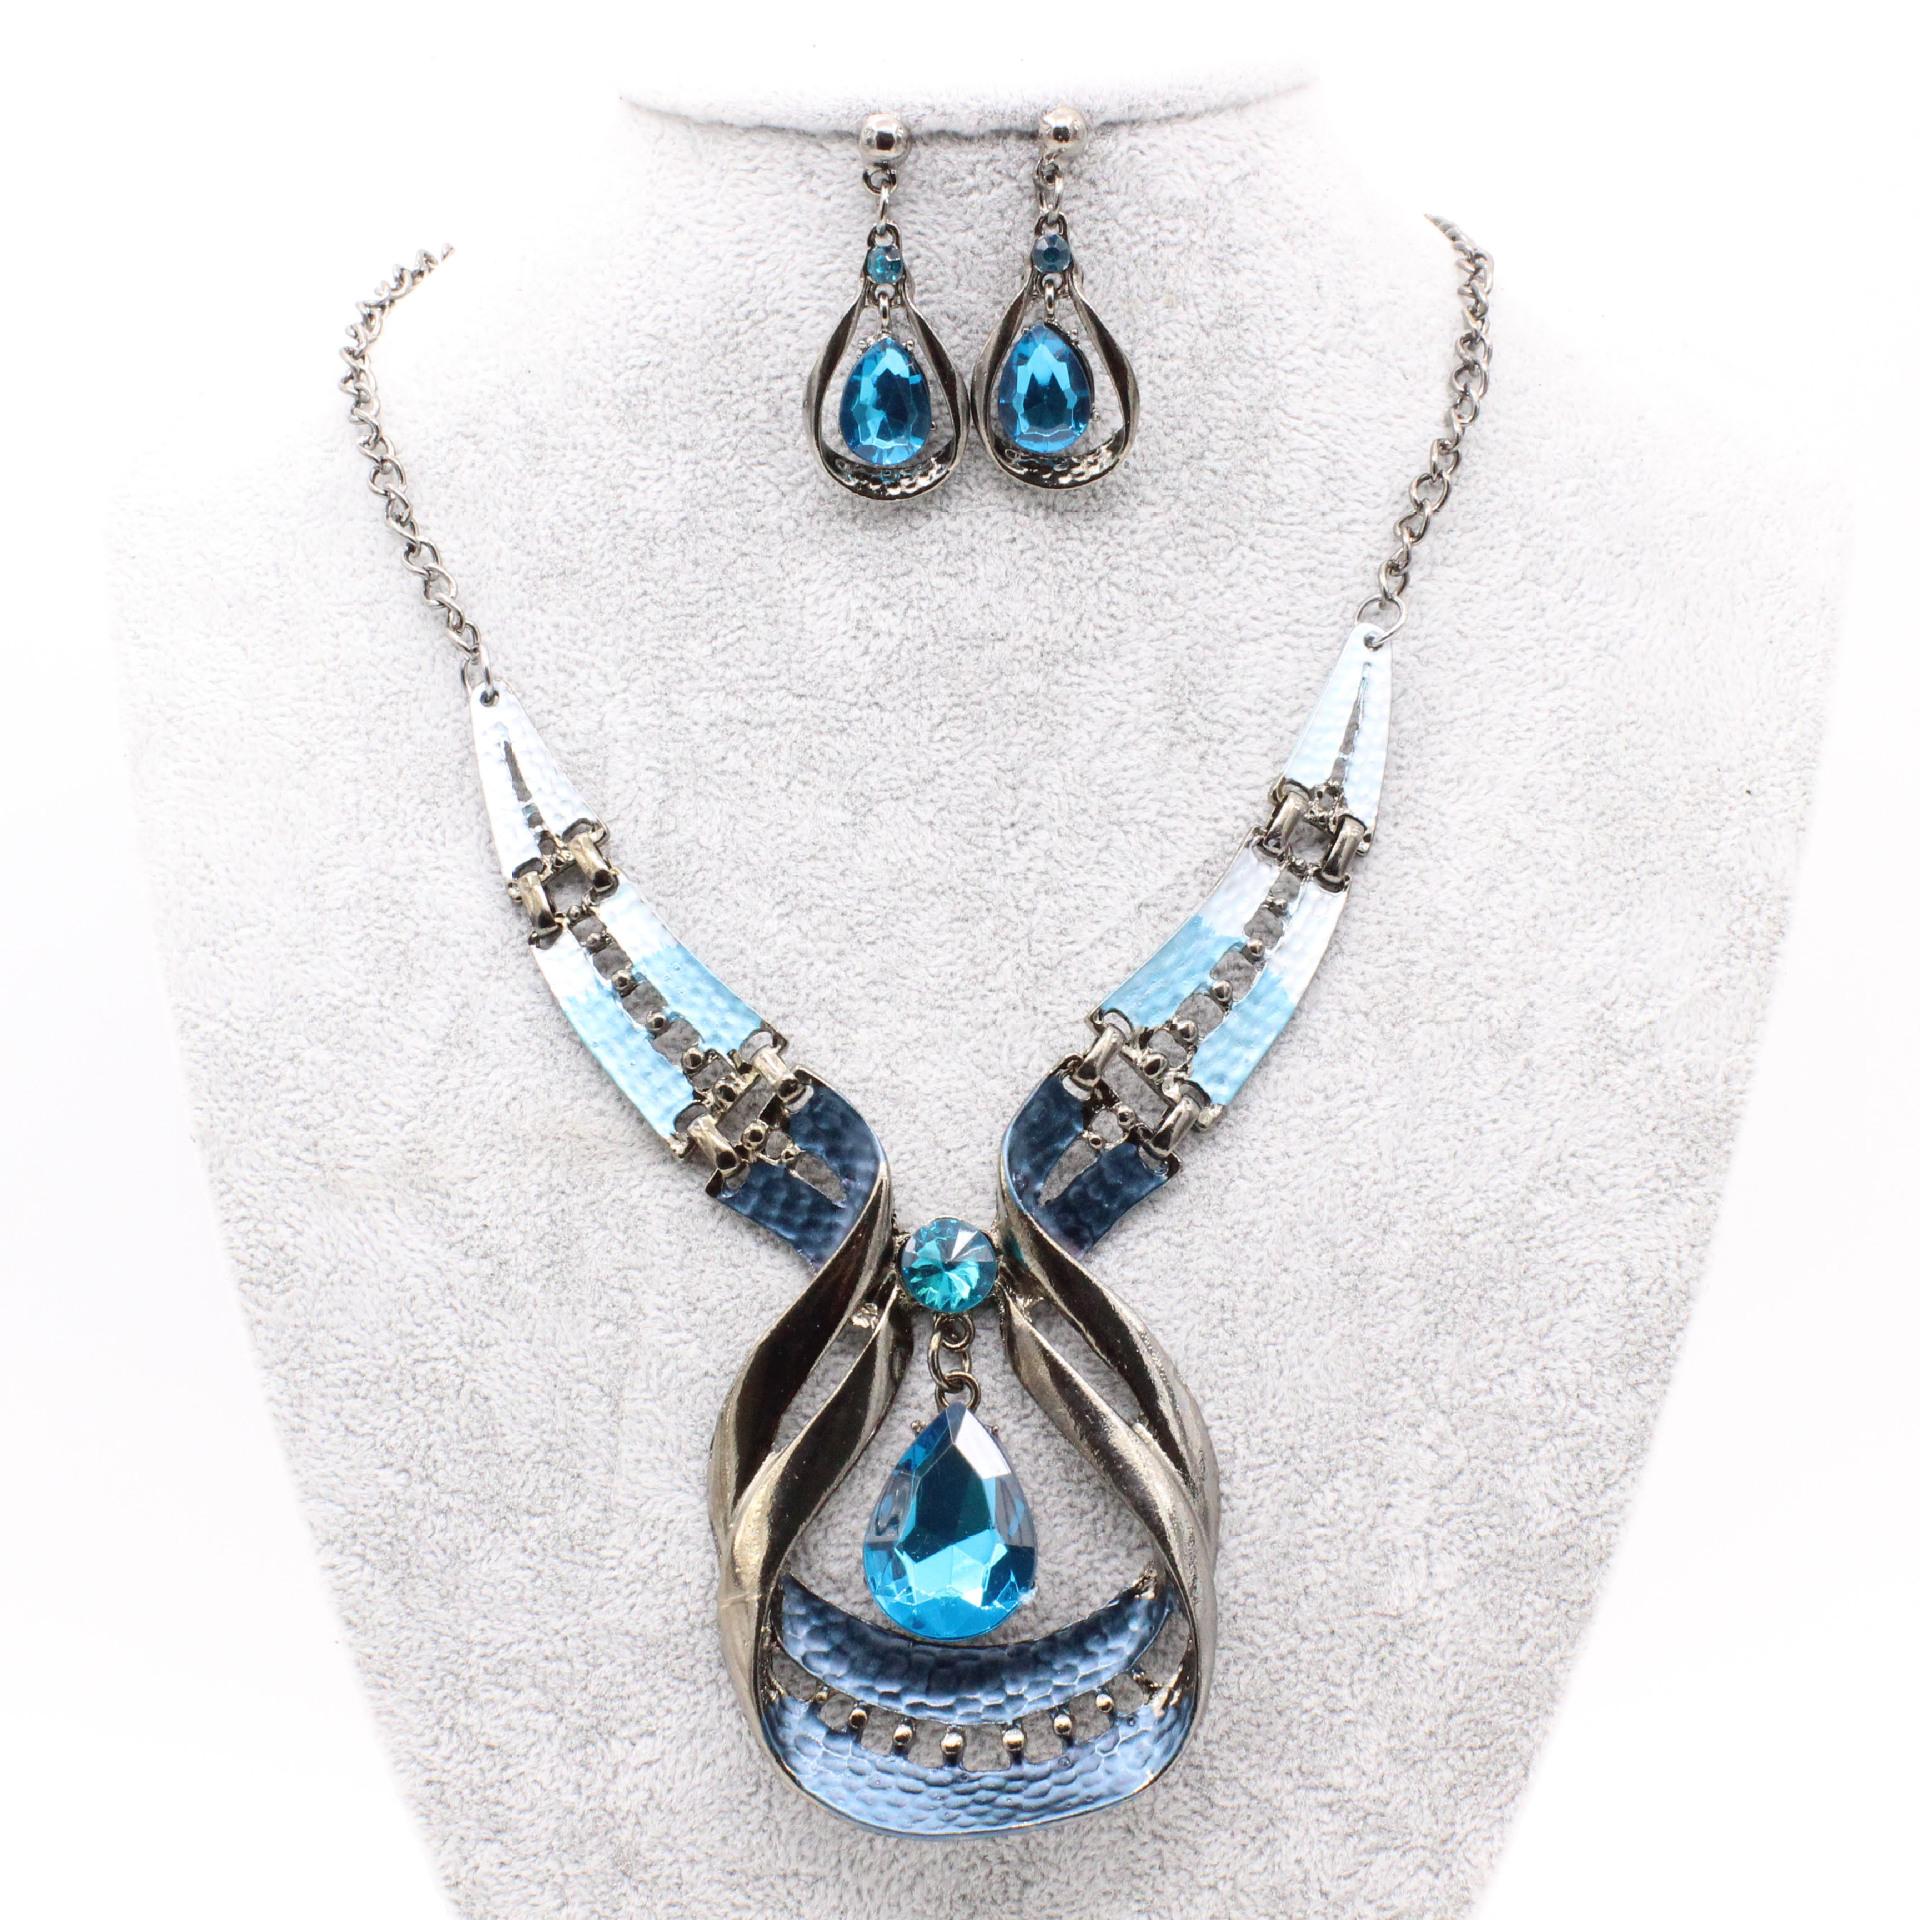 欧美时尚新款厂家直销百搭水晶水滴宝石项链锁骨链毛衣链耳环套装